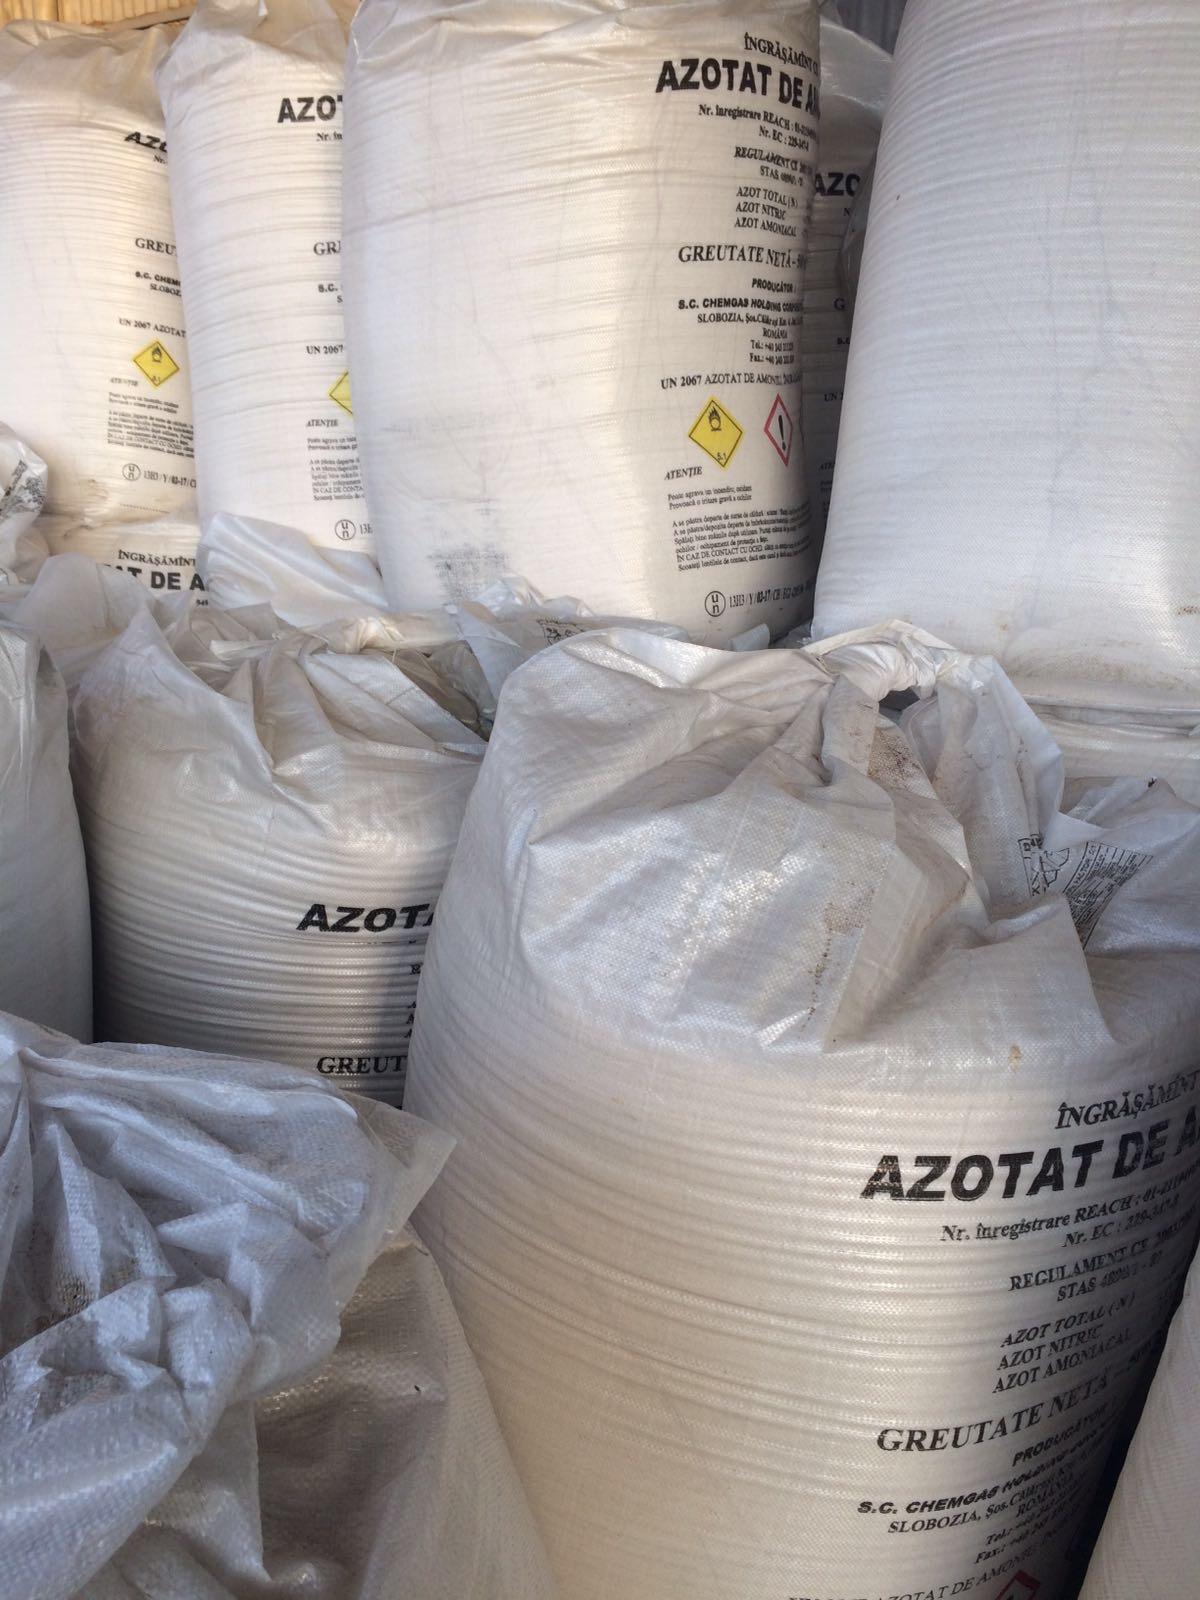 Azotat de amoniu cu sulf - Sarmasag - Pepiniera Sarmasag ...  |Azotat De Amoniu